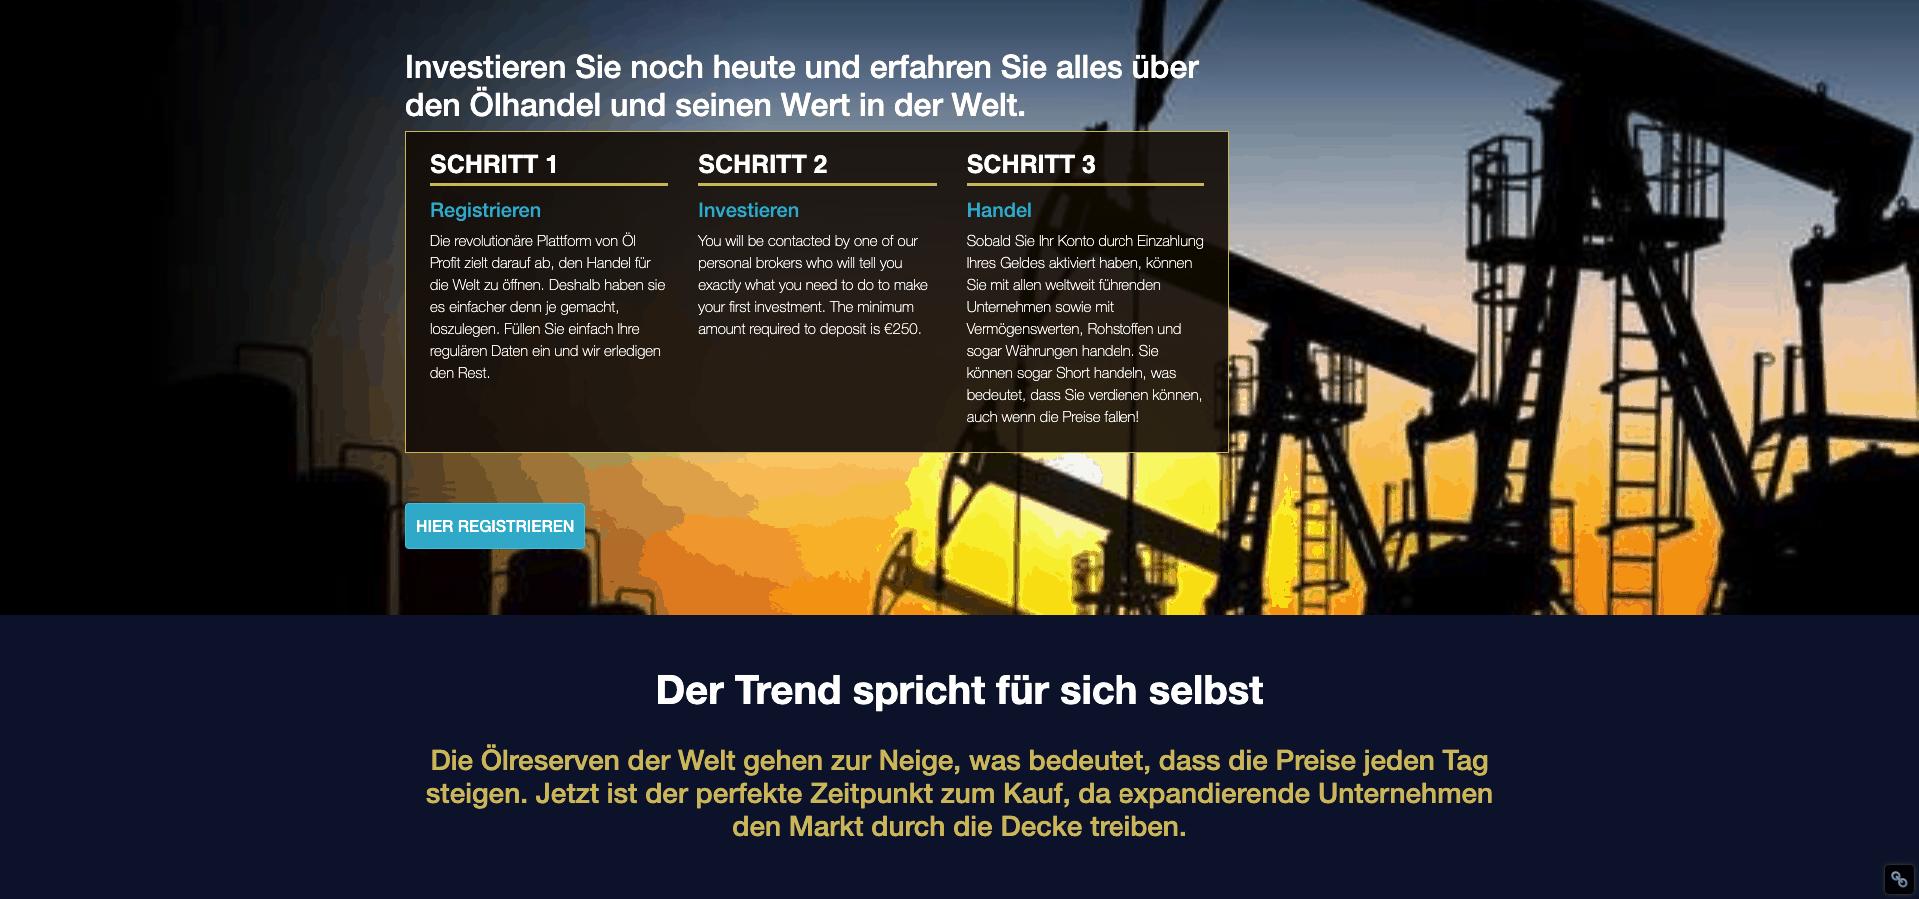 Wie funktioniert oil profit?